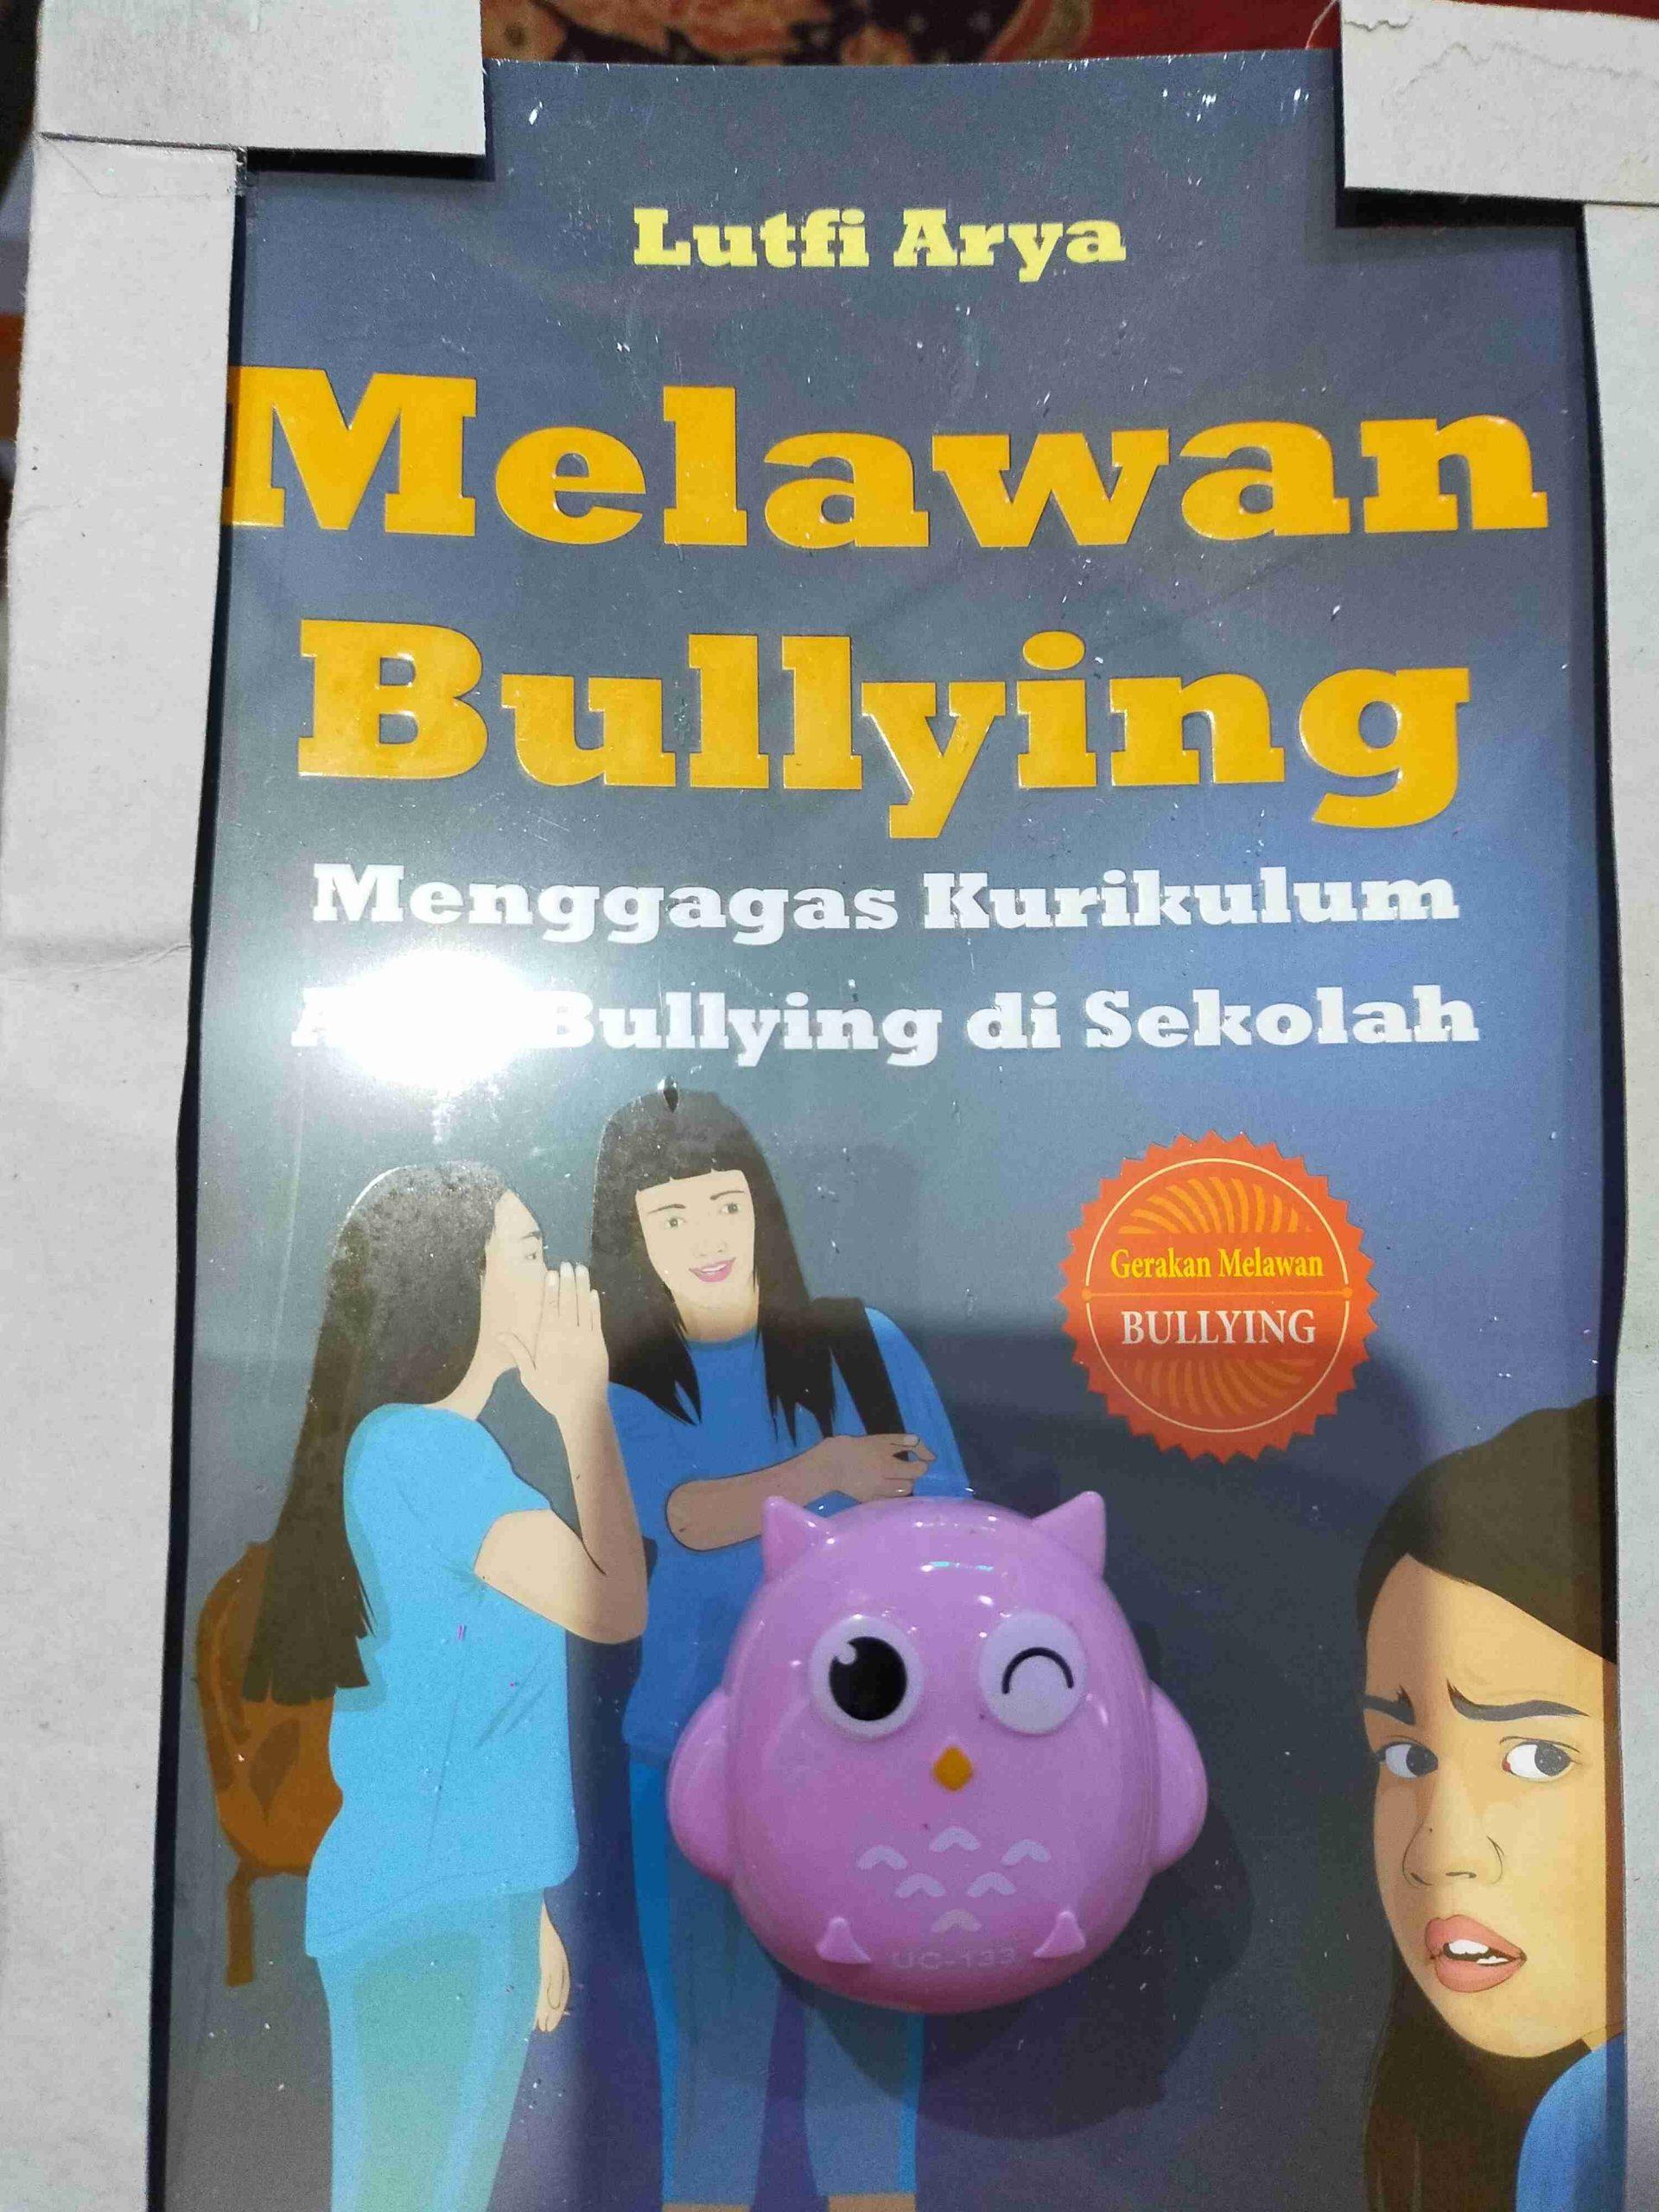 6 Buku Bully untuk mengajarkan Melawan Bullying